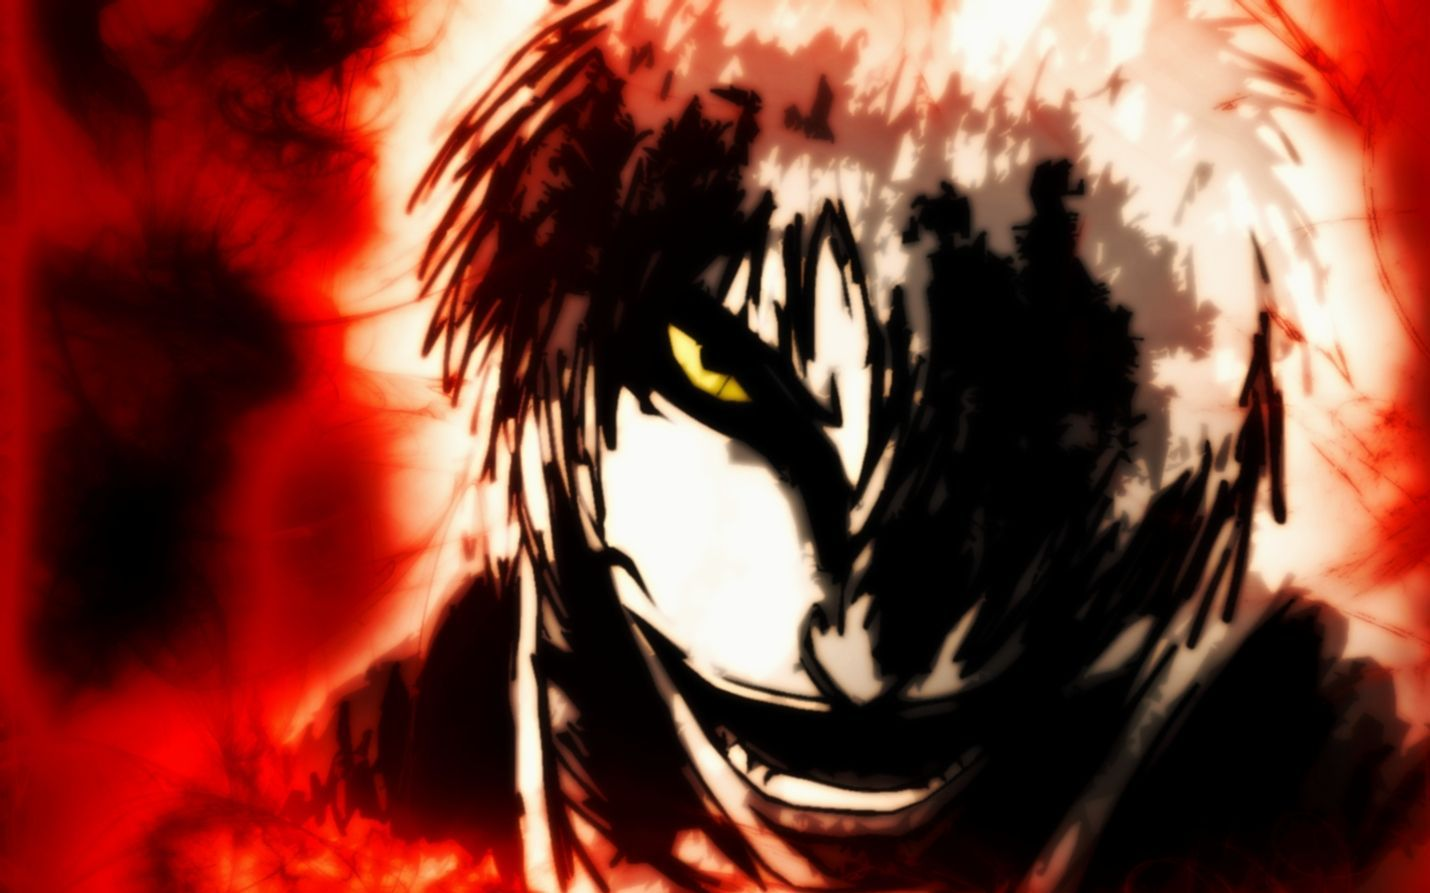 【死神/mad/超燃/全程高能】不是认为会赢才战斗,是非赢不可才必须